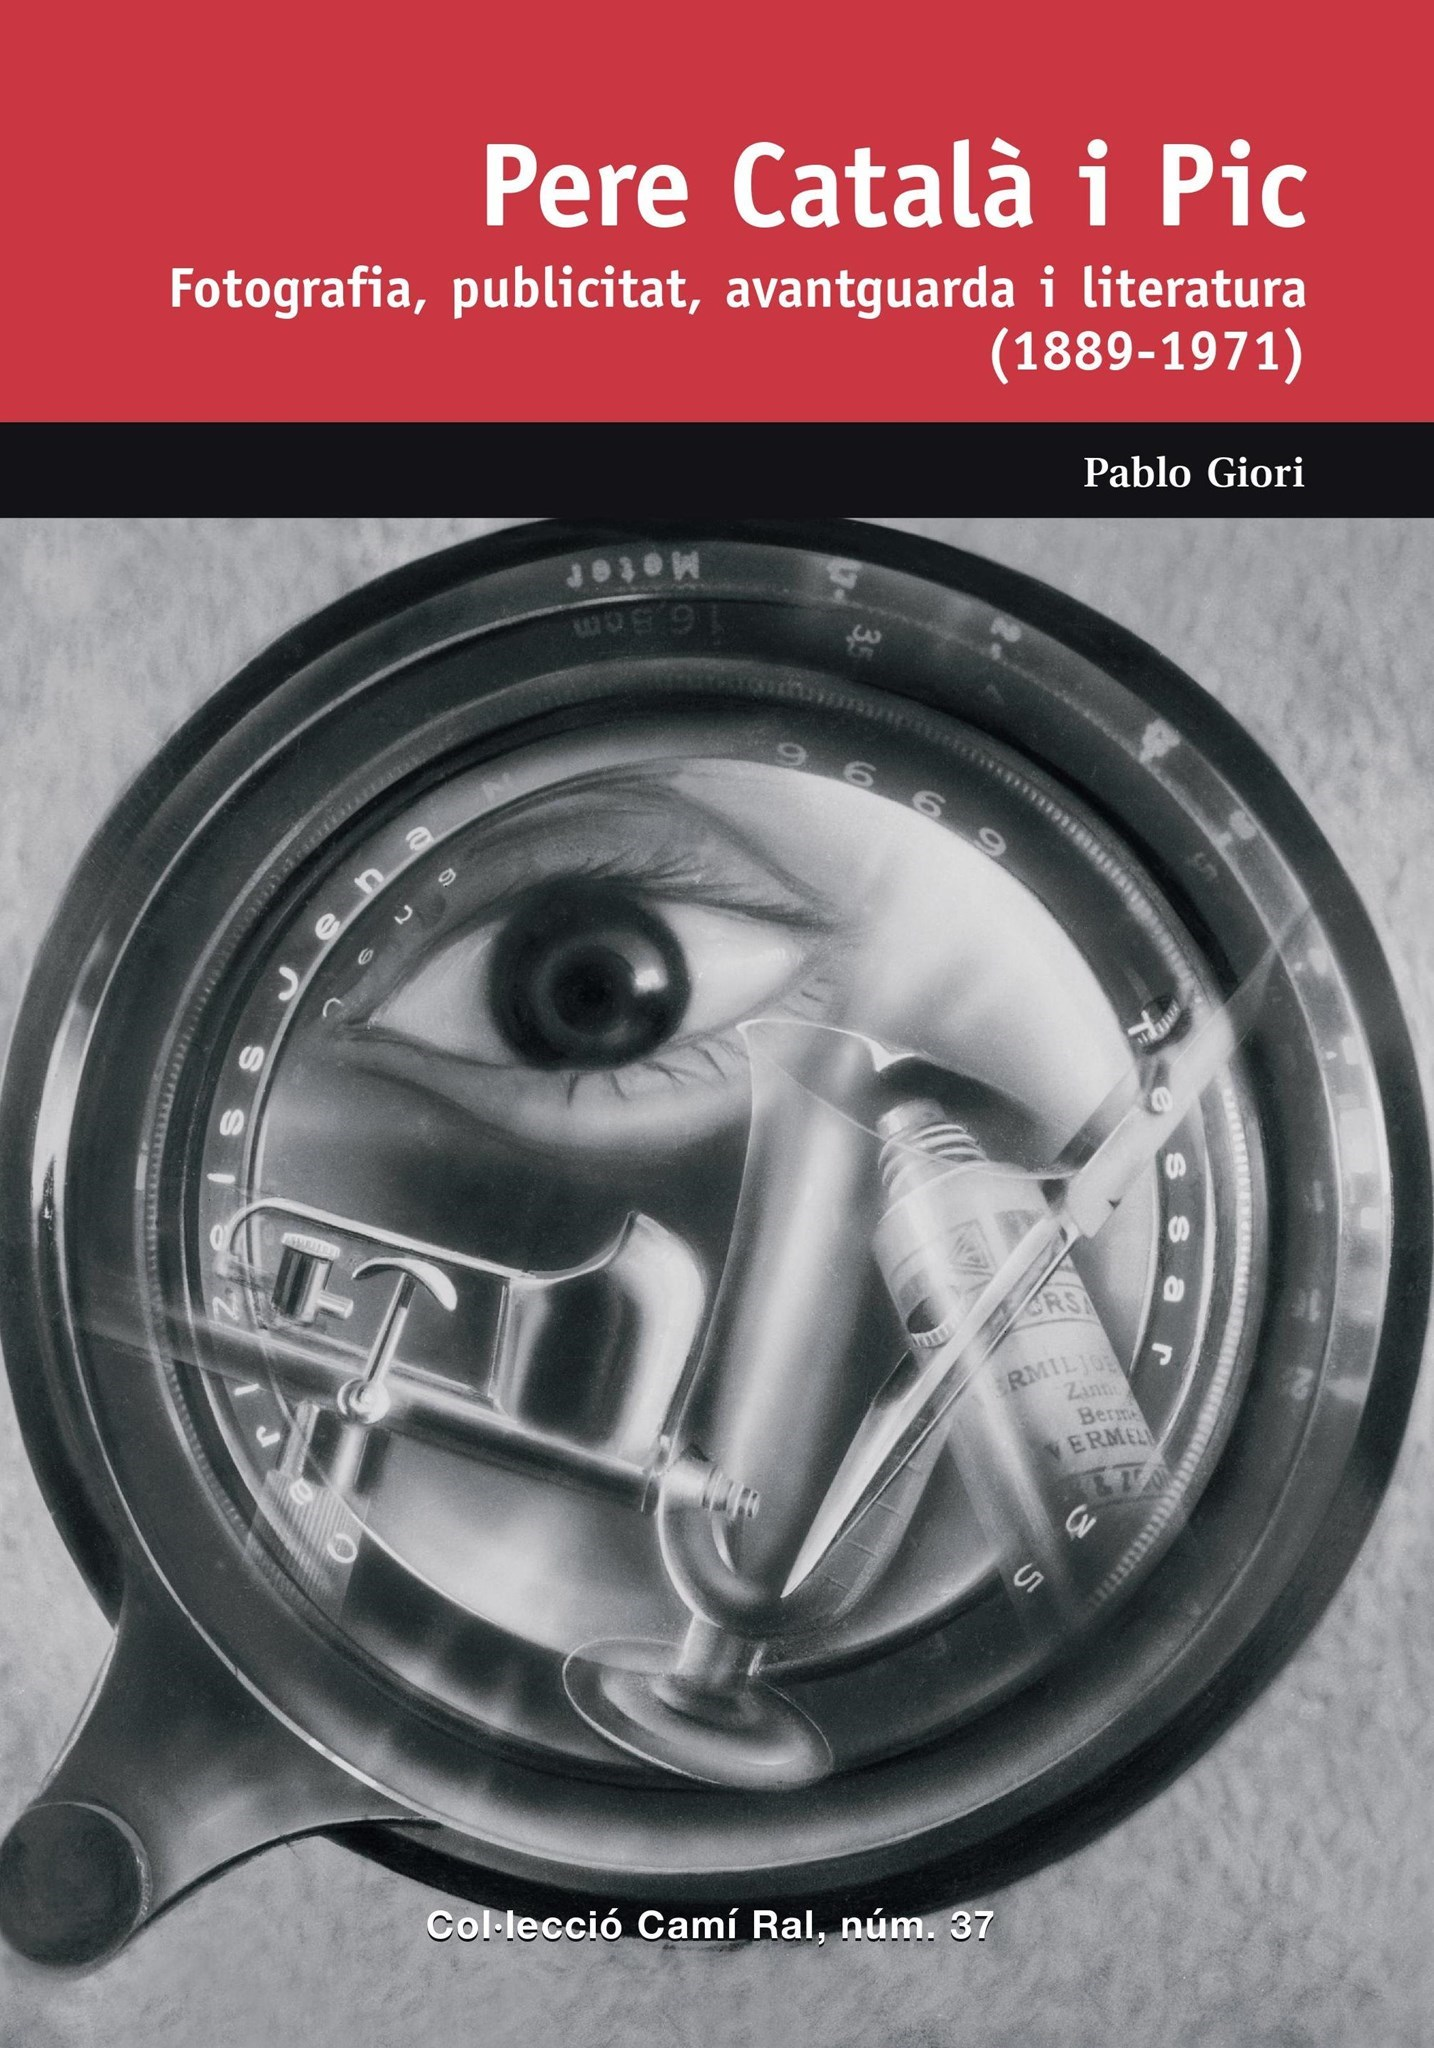 <p><em>Pere Català i Pic. Fotografia, publicitat, avantguarda i literatura, 1889-1971. </em>Portada<em></em>@Arxiu Pere Català</p>